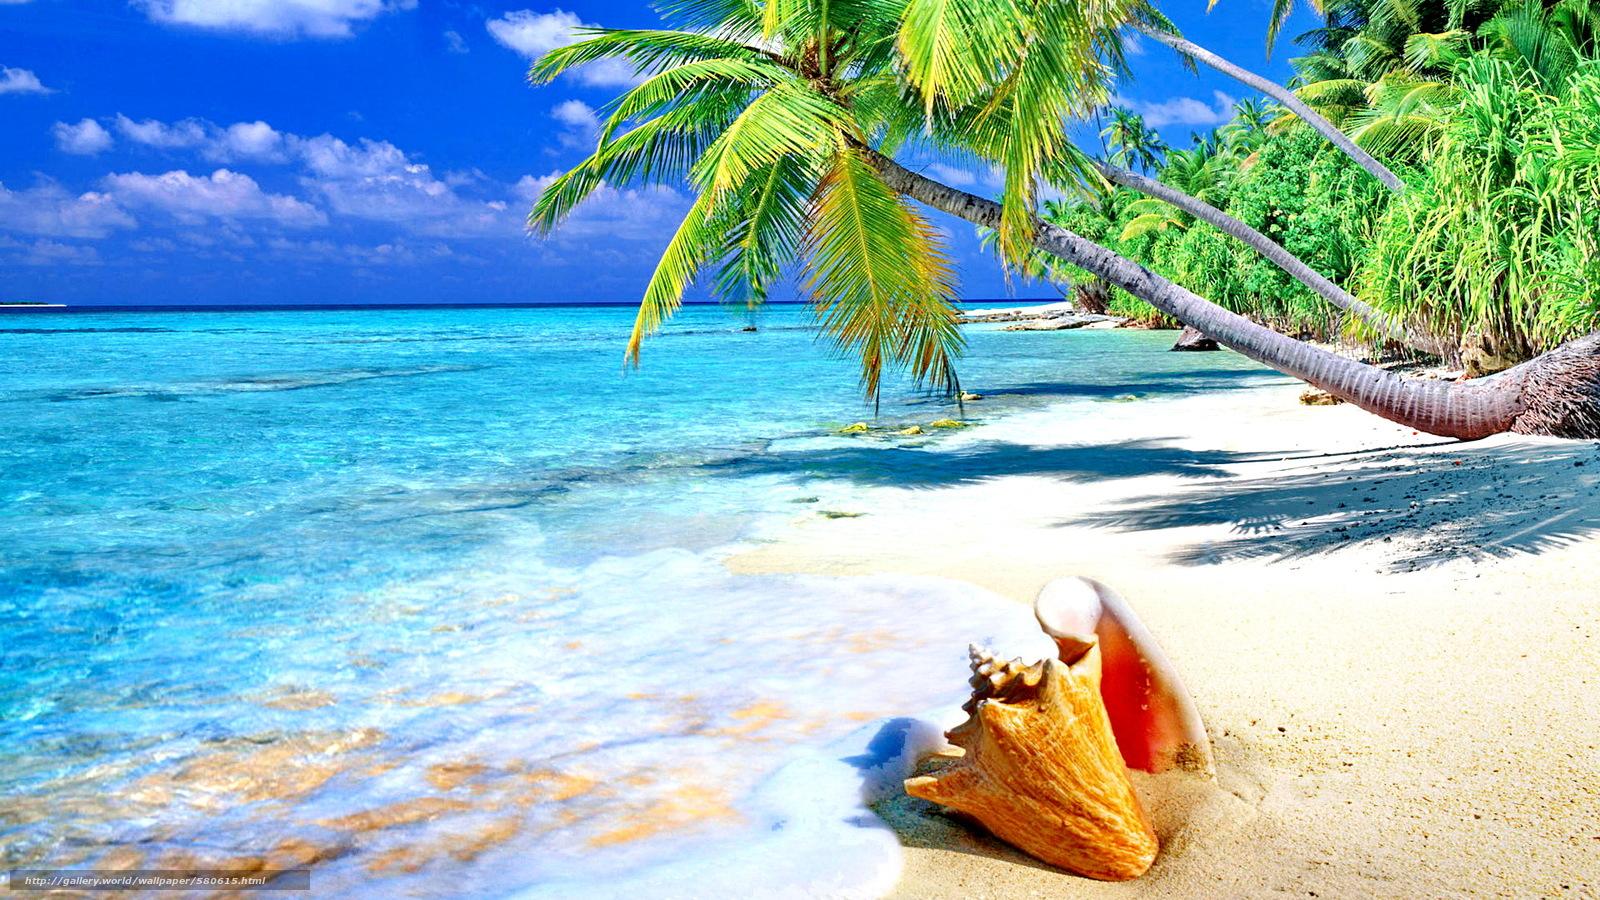 обои на рабочий стол берег пляж № 646492 загрузить